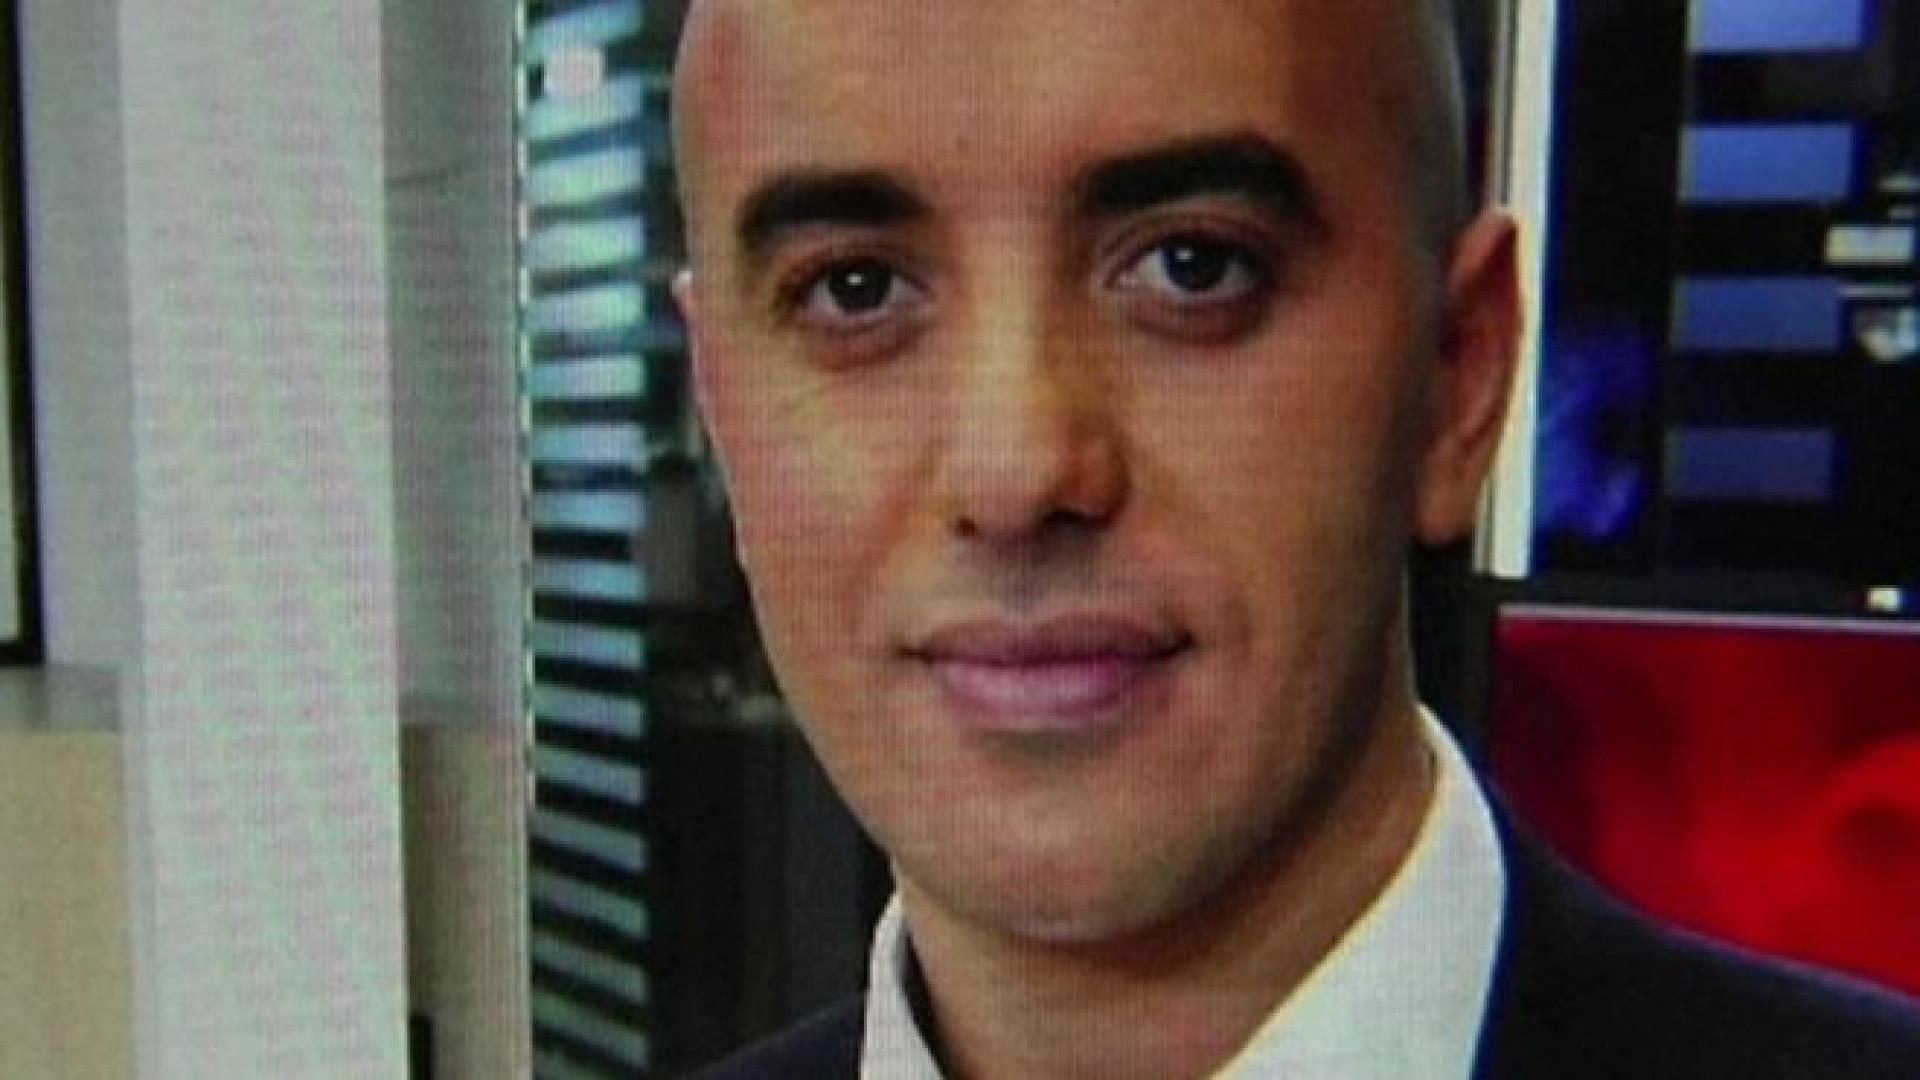 Capturado 'gangster' que fugiu de prisão francesa de helicóptero